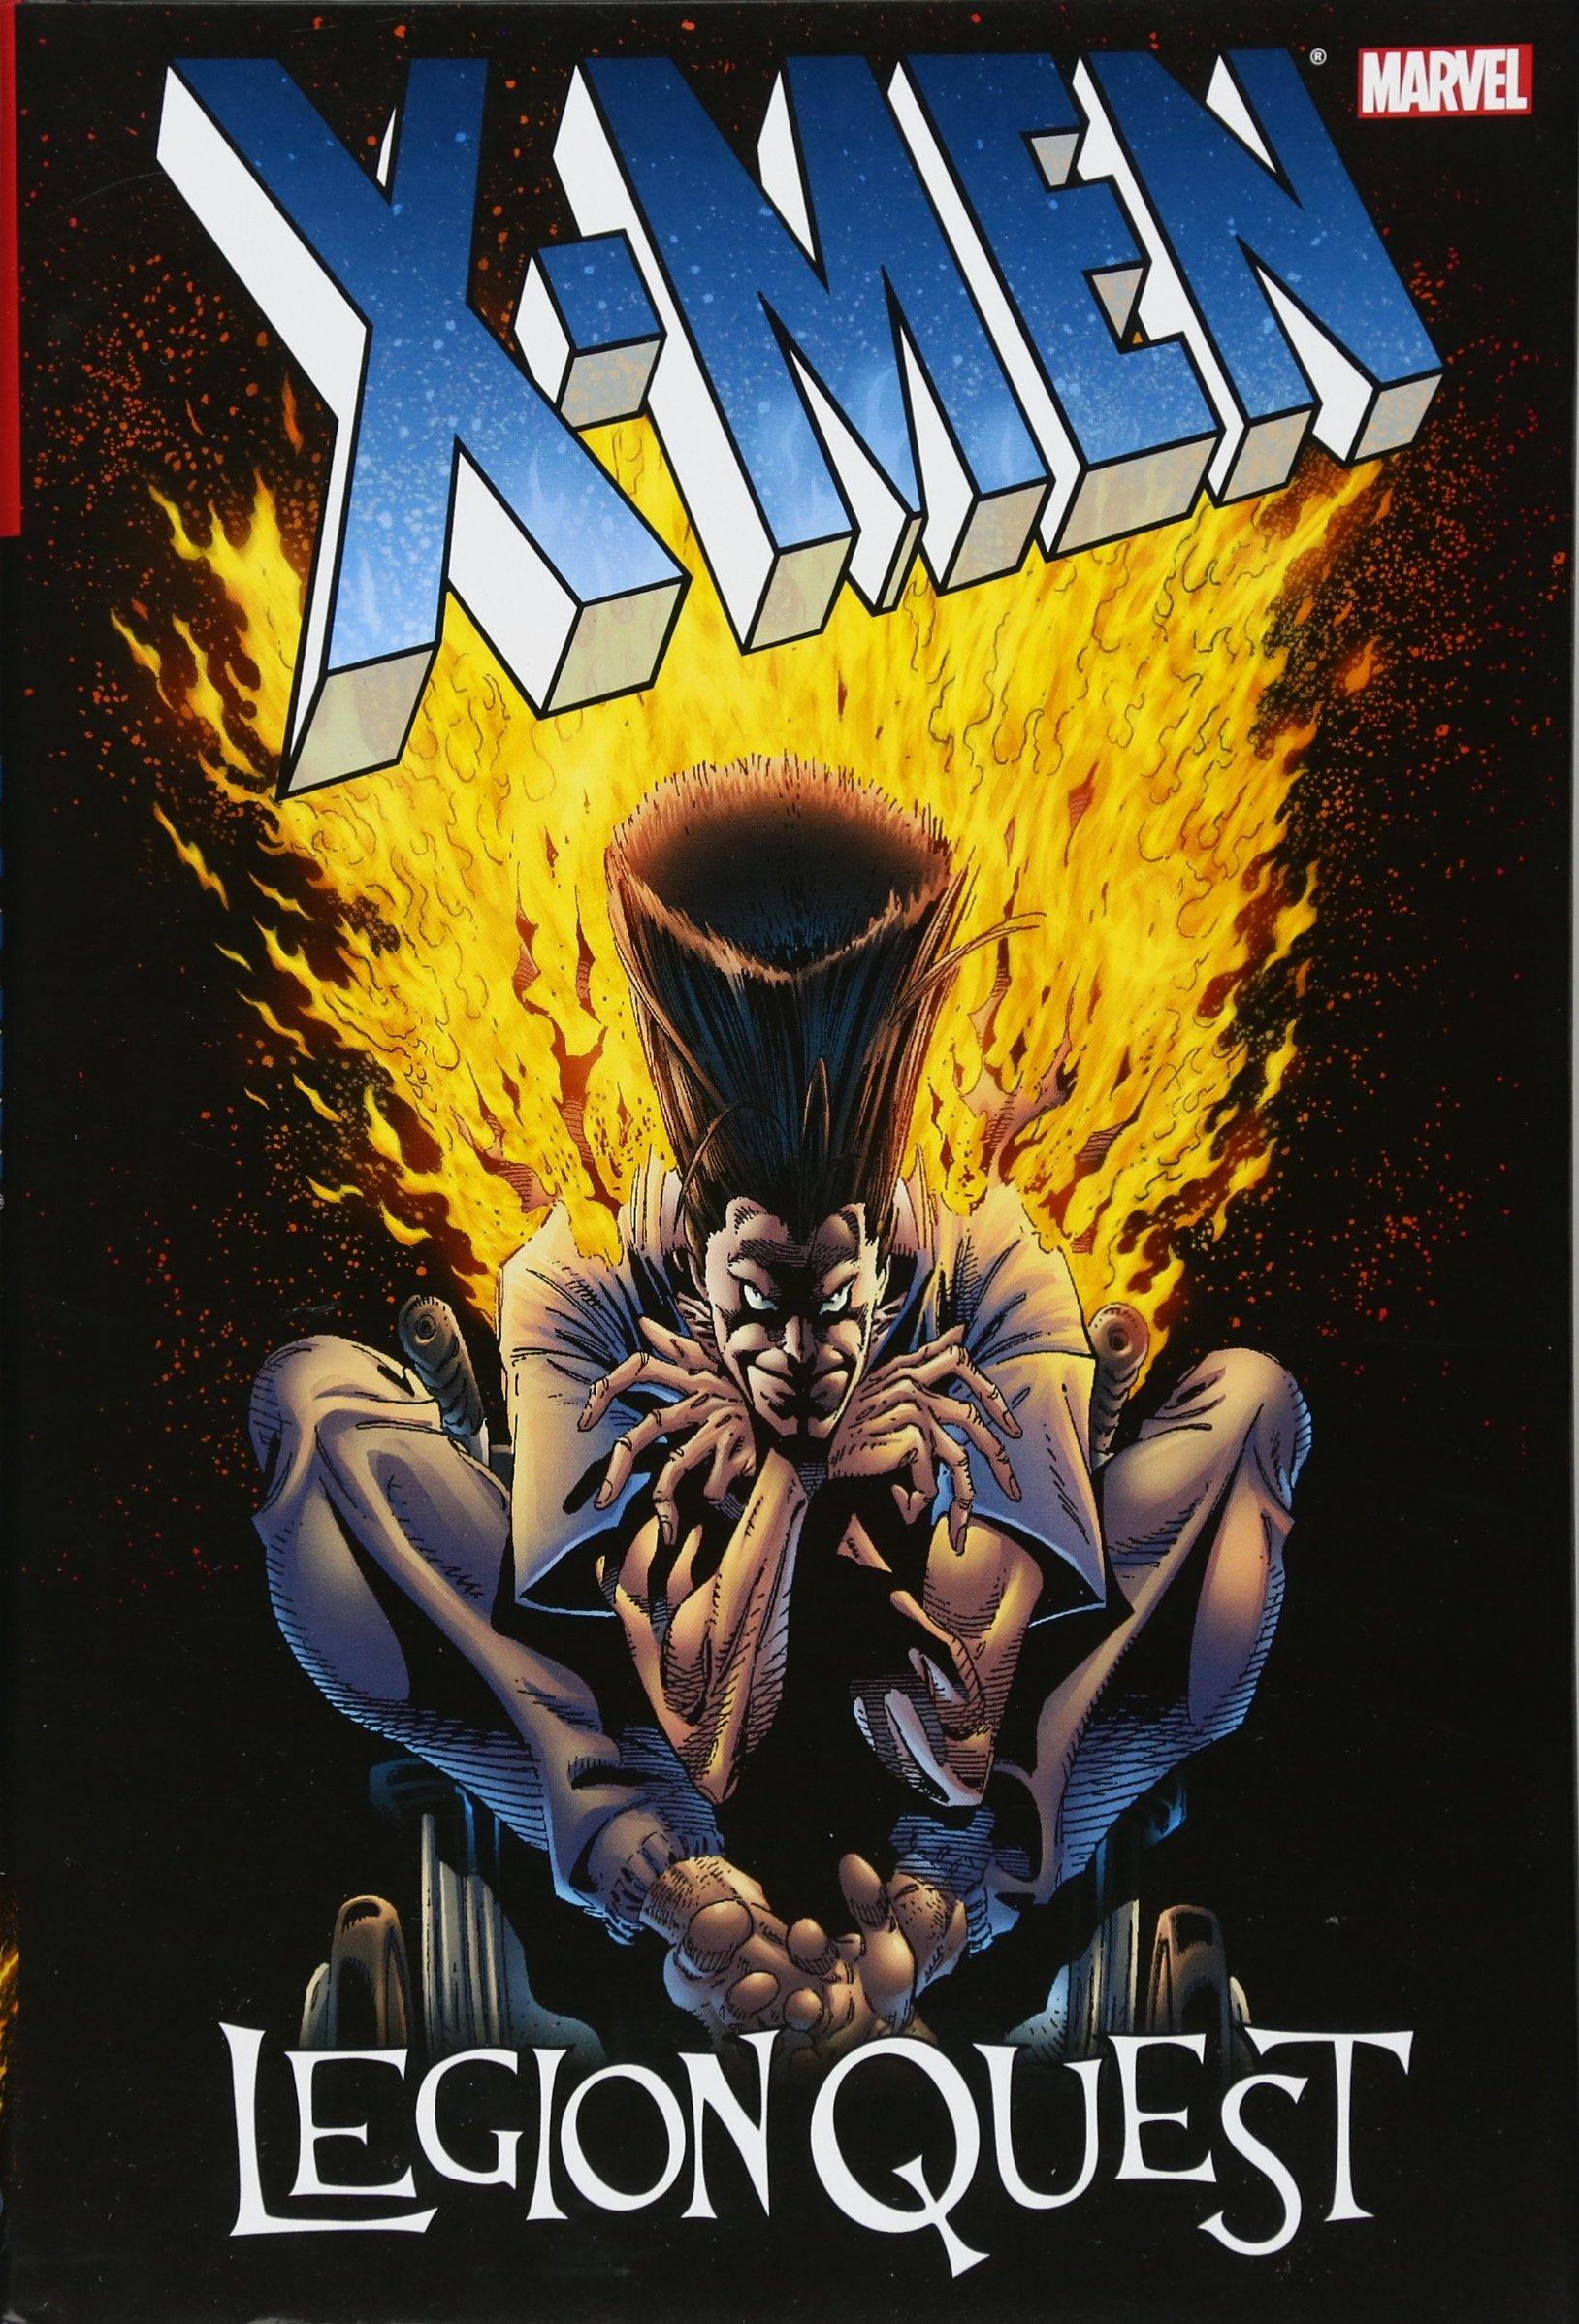 Read Online X-Men Legionquest ebook